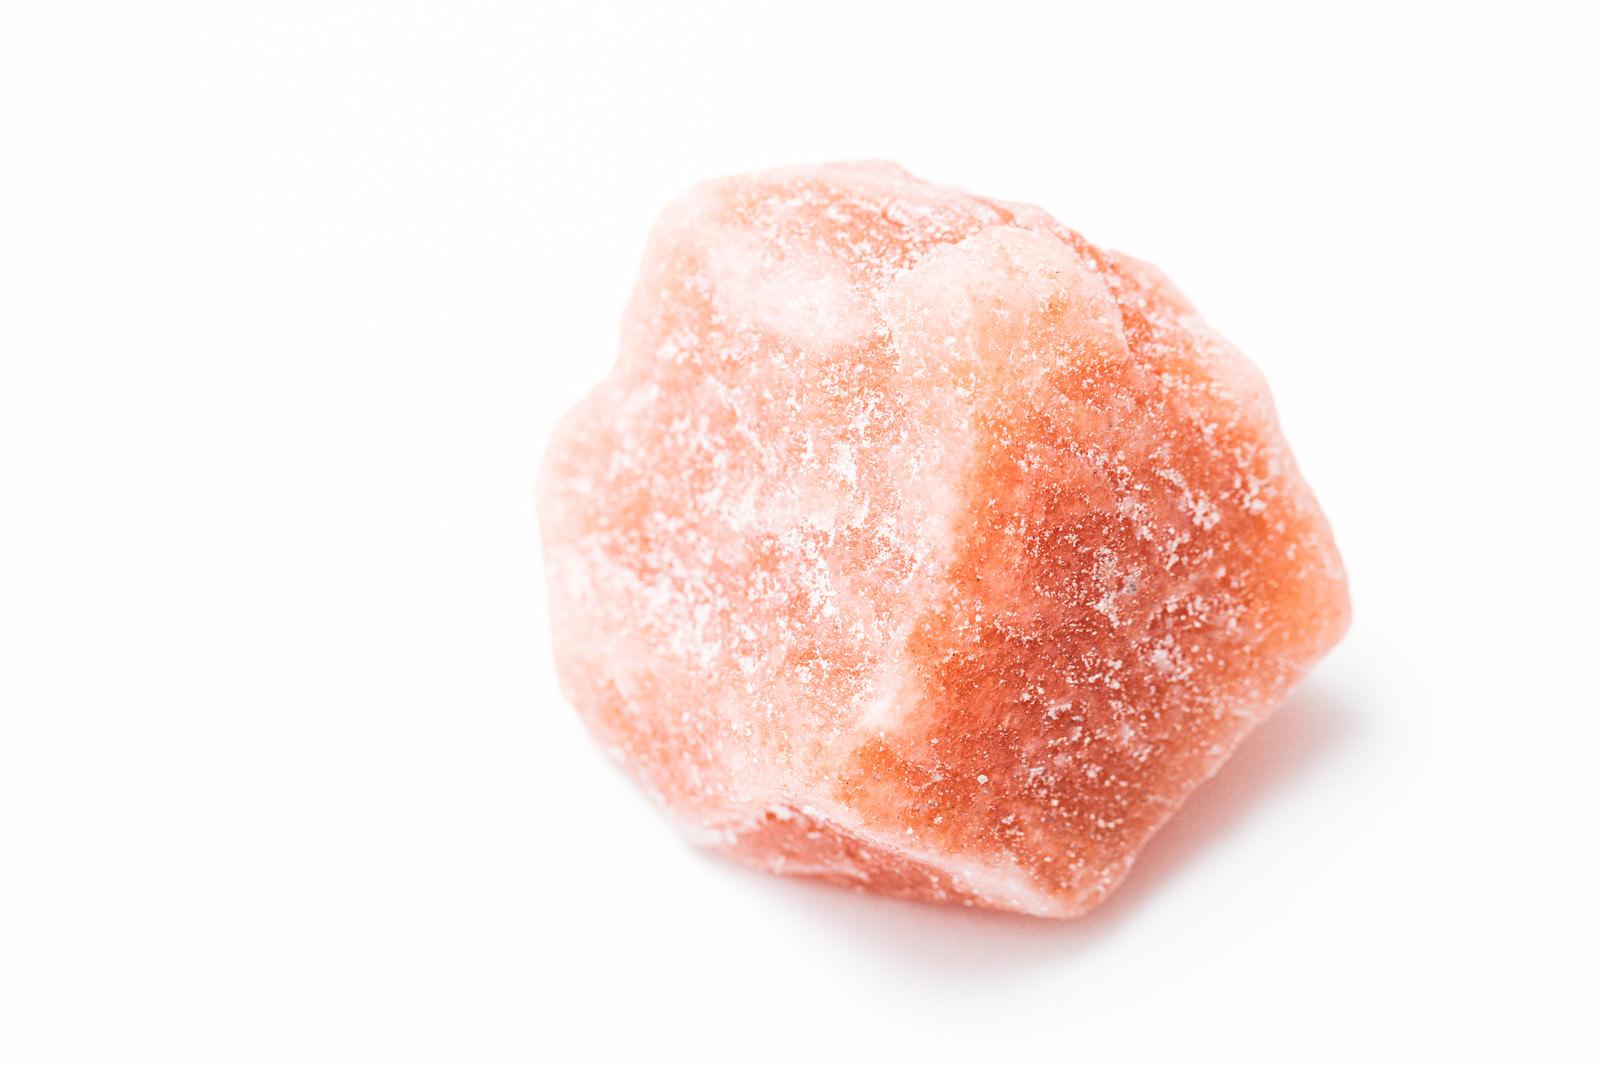 「塩化ナトリウムの鉱物(岩塩)」の写真